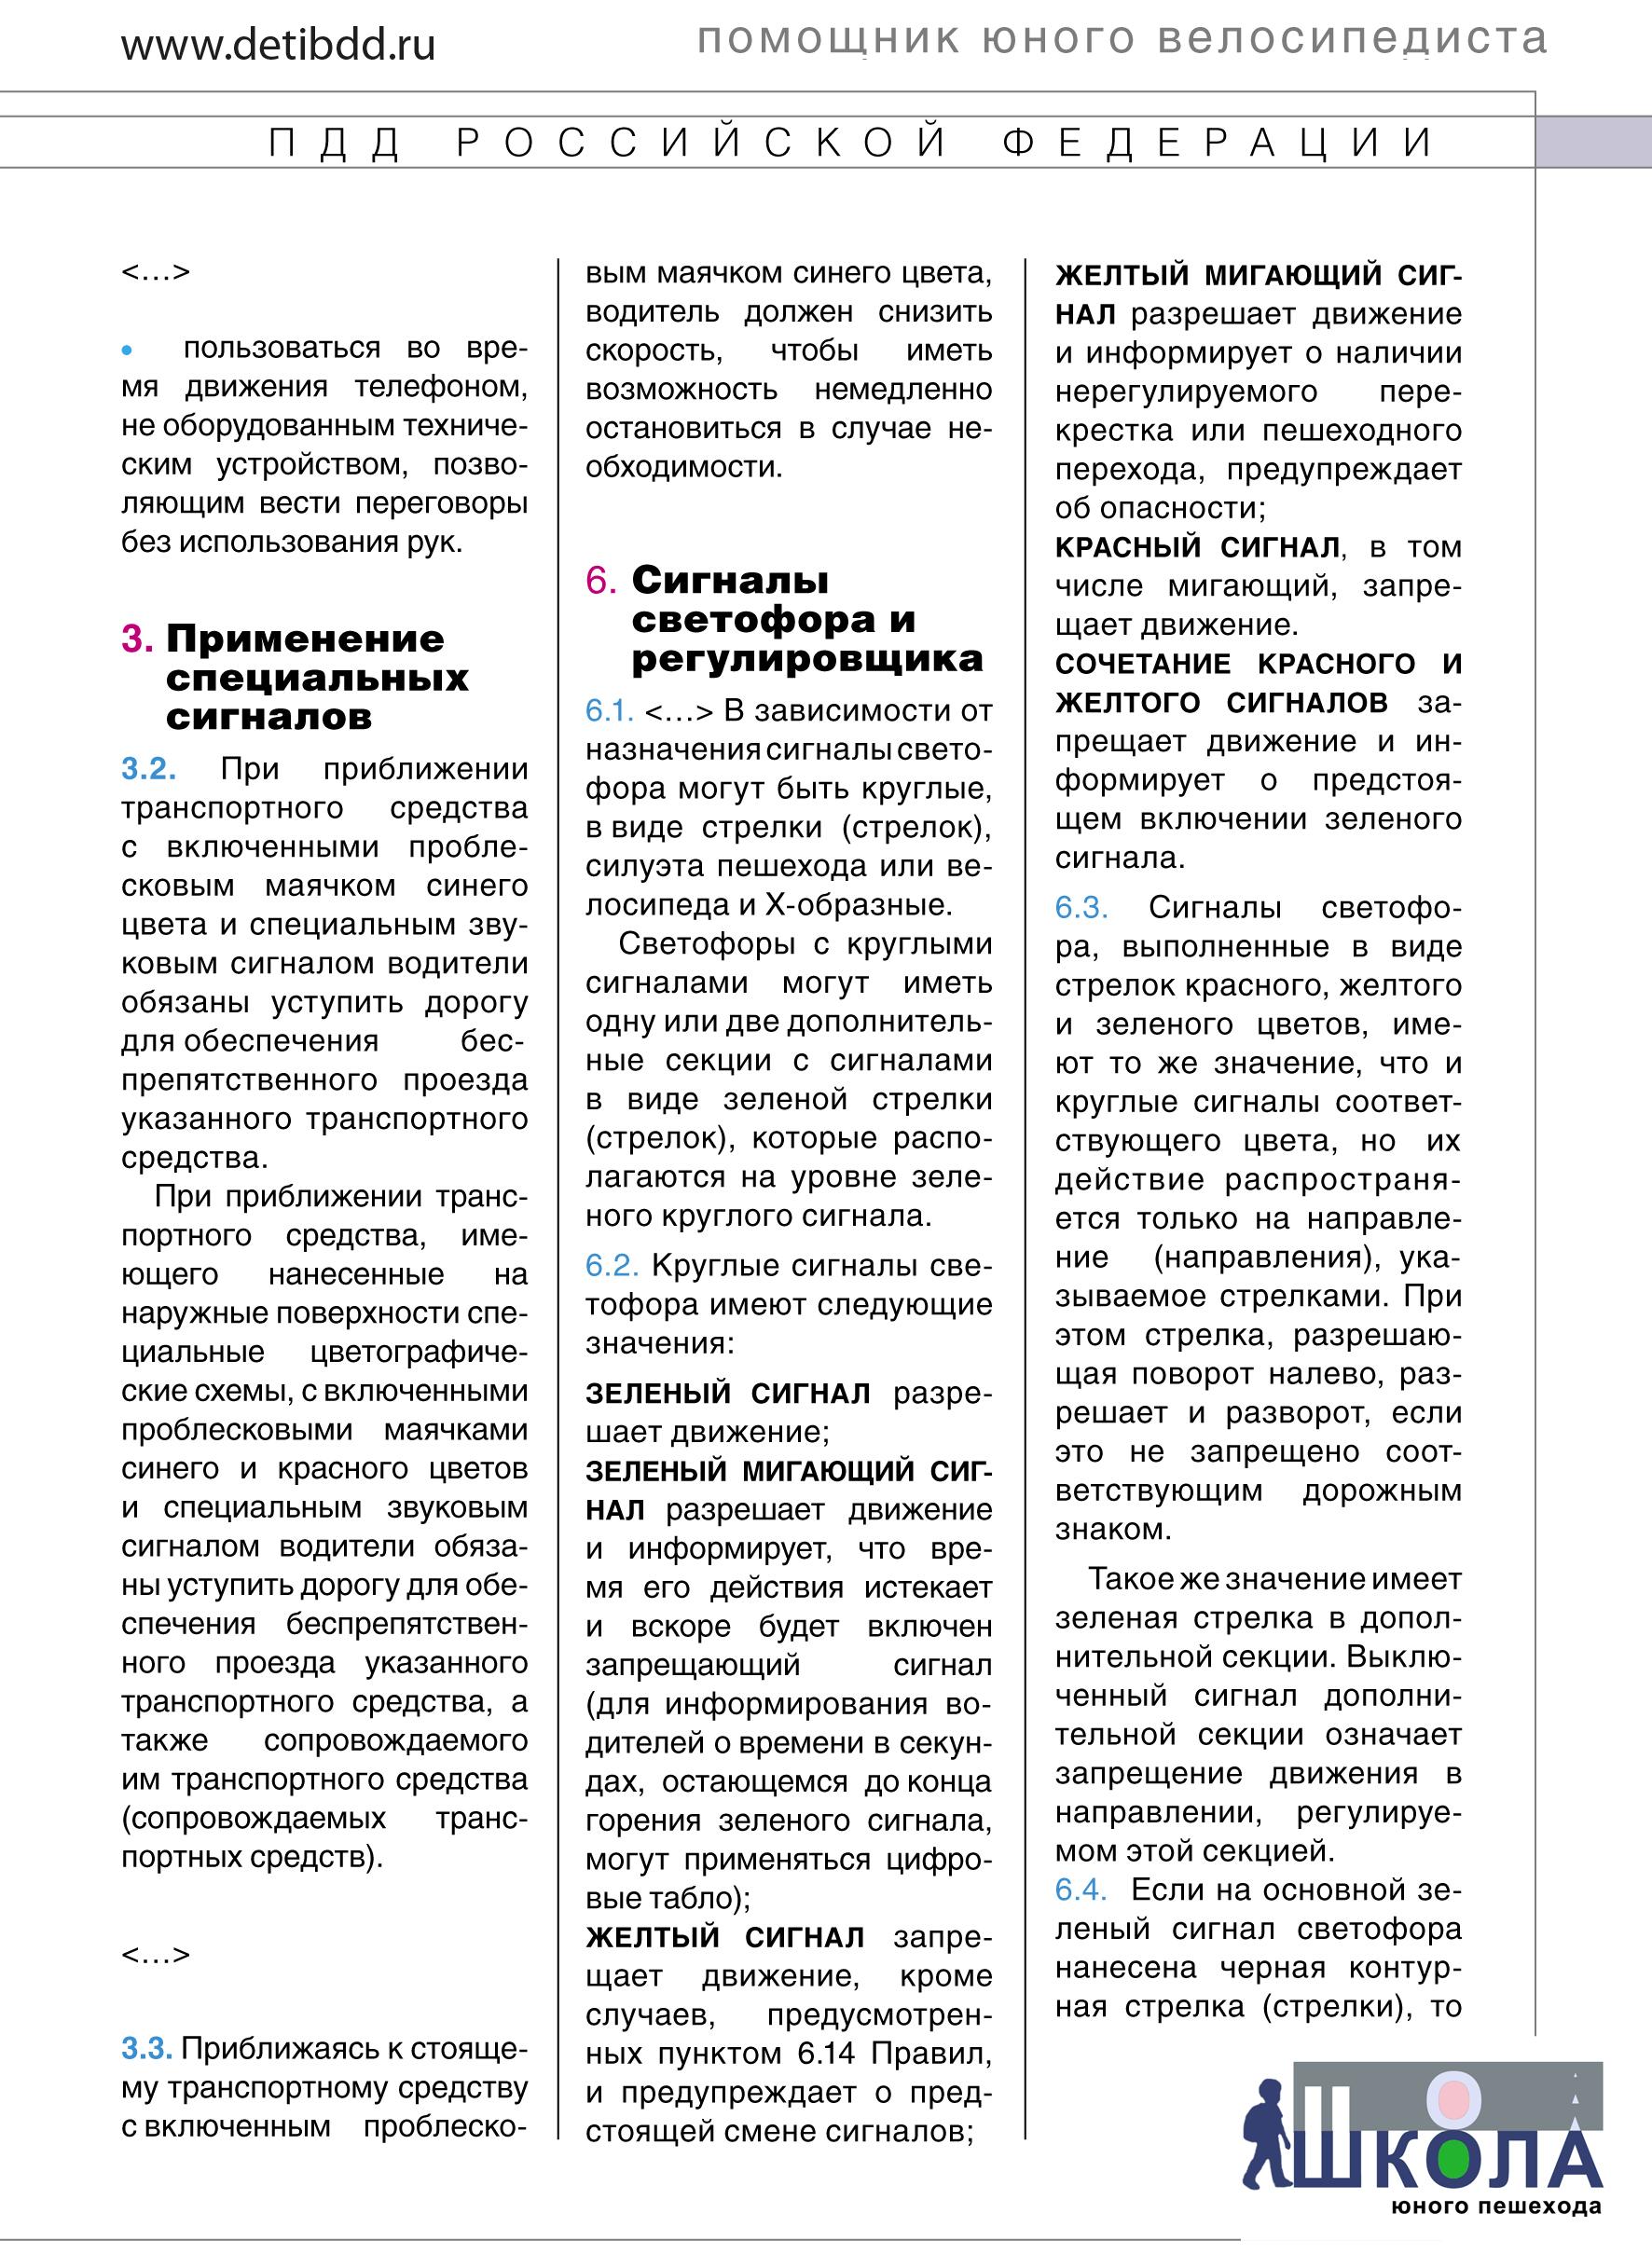 velo_15_06_2009.indd